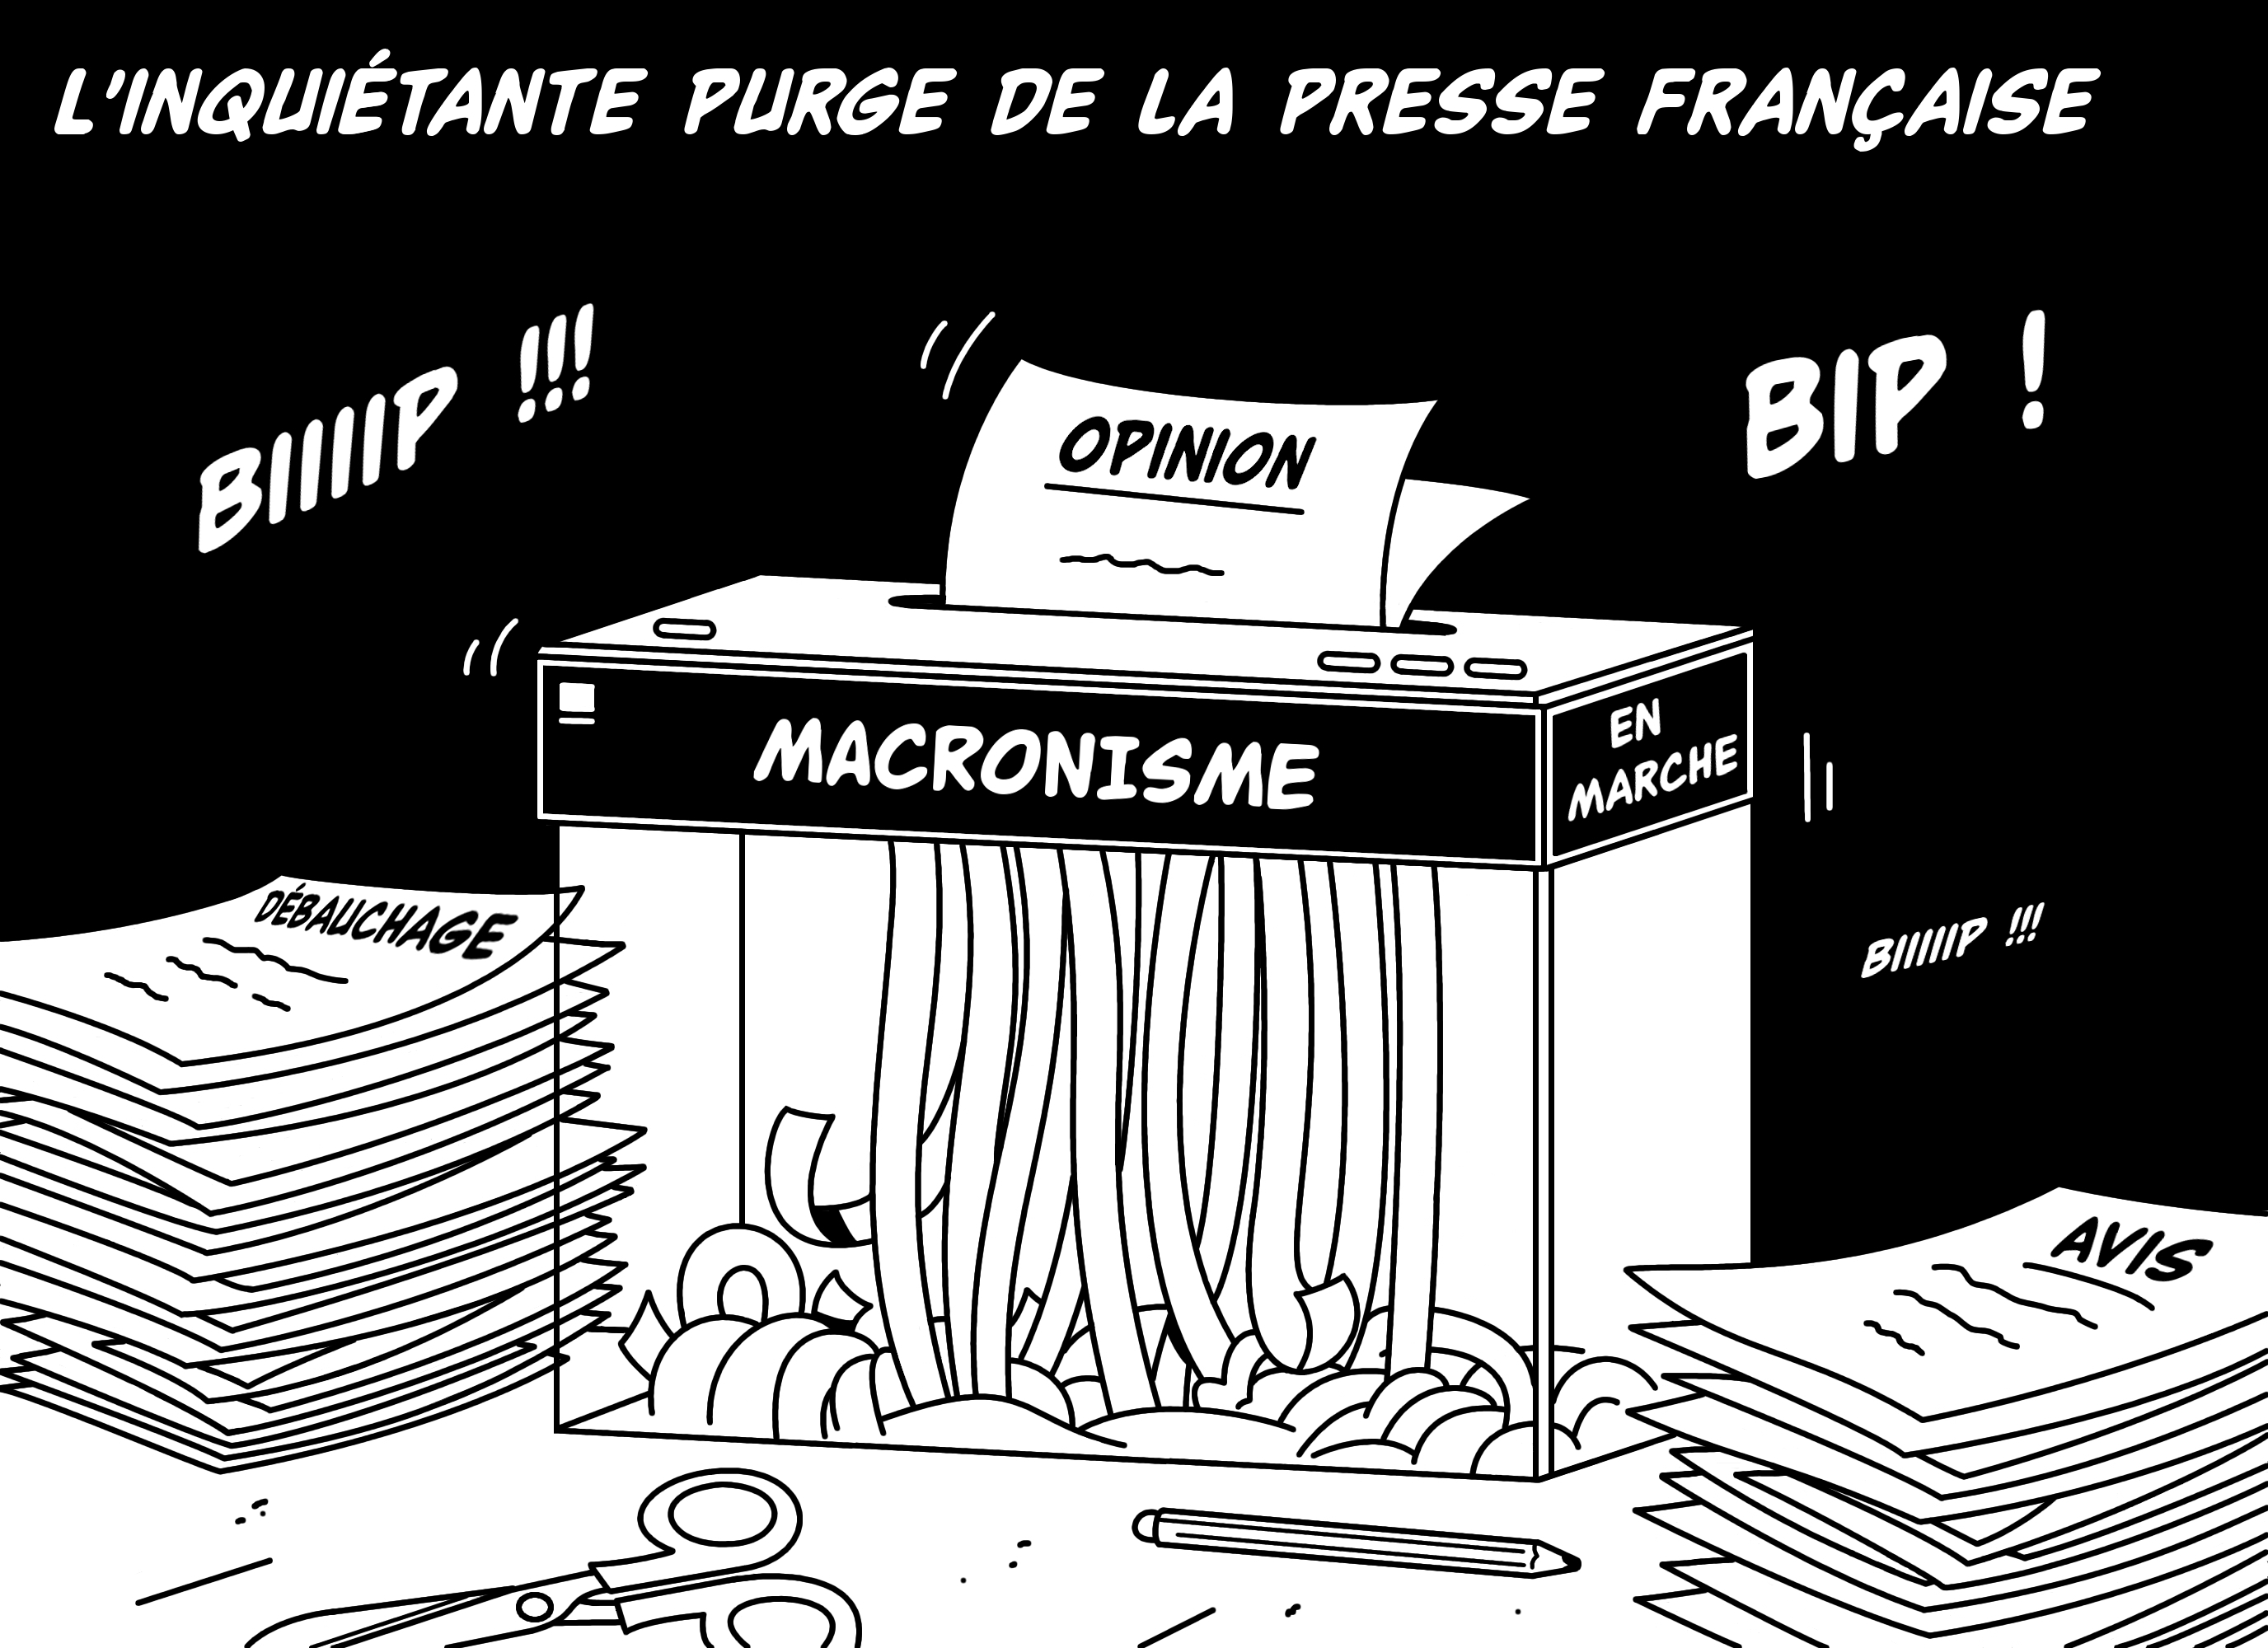 Dessin L'inquiétante purge de la presse française de Chag